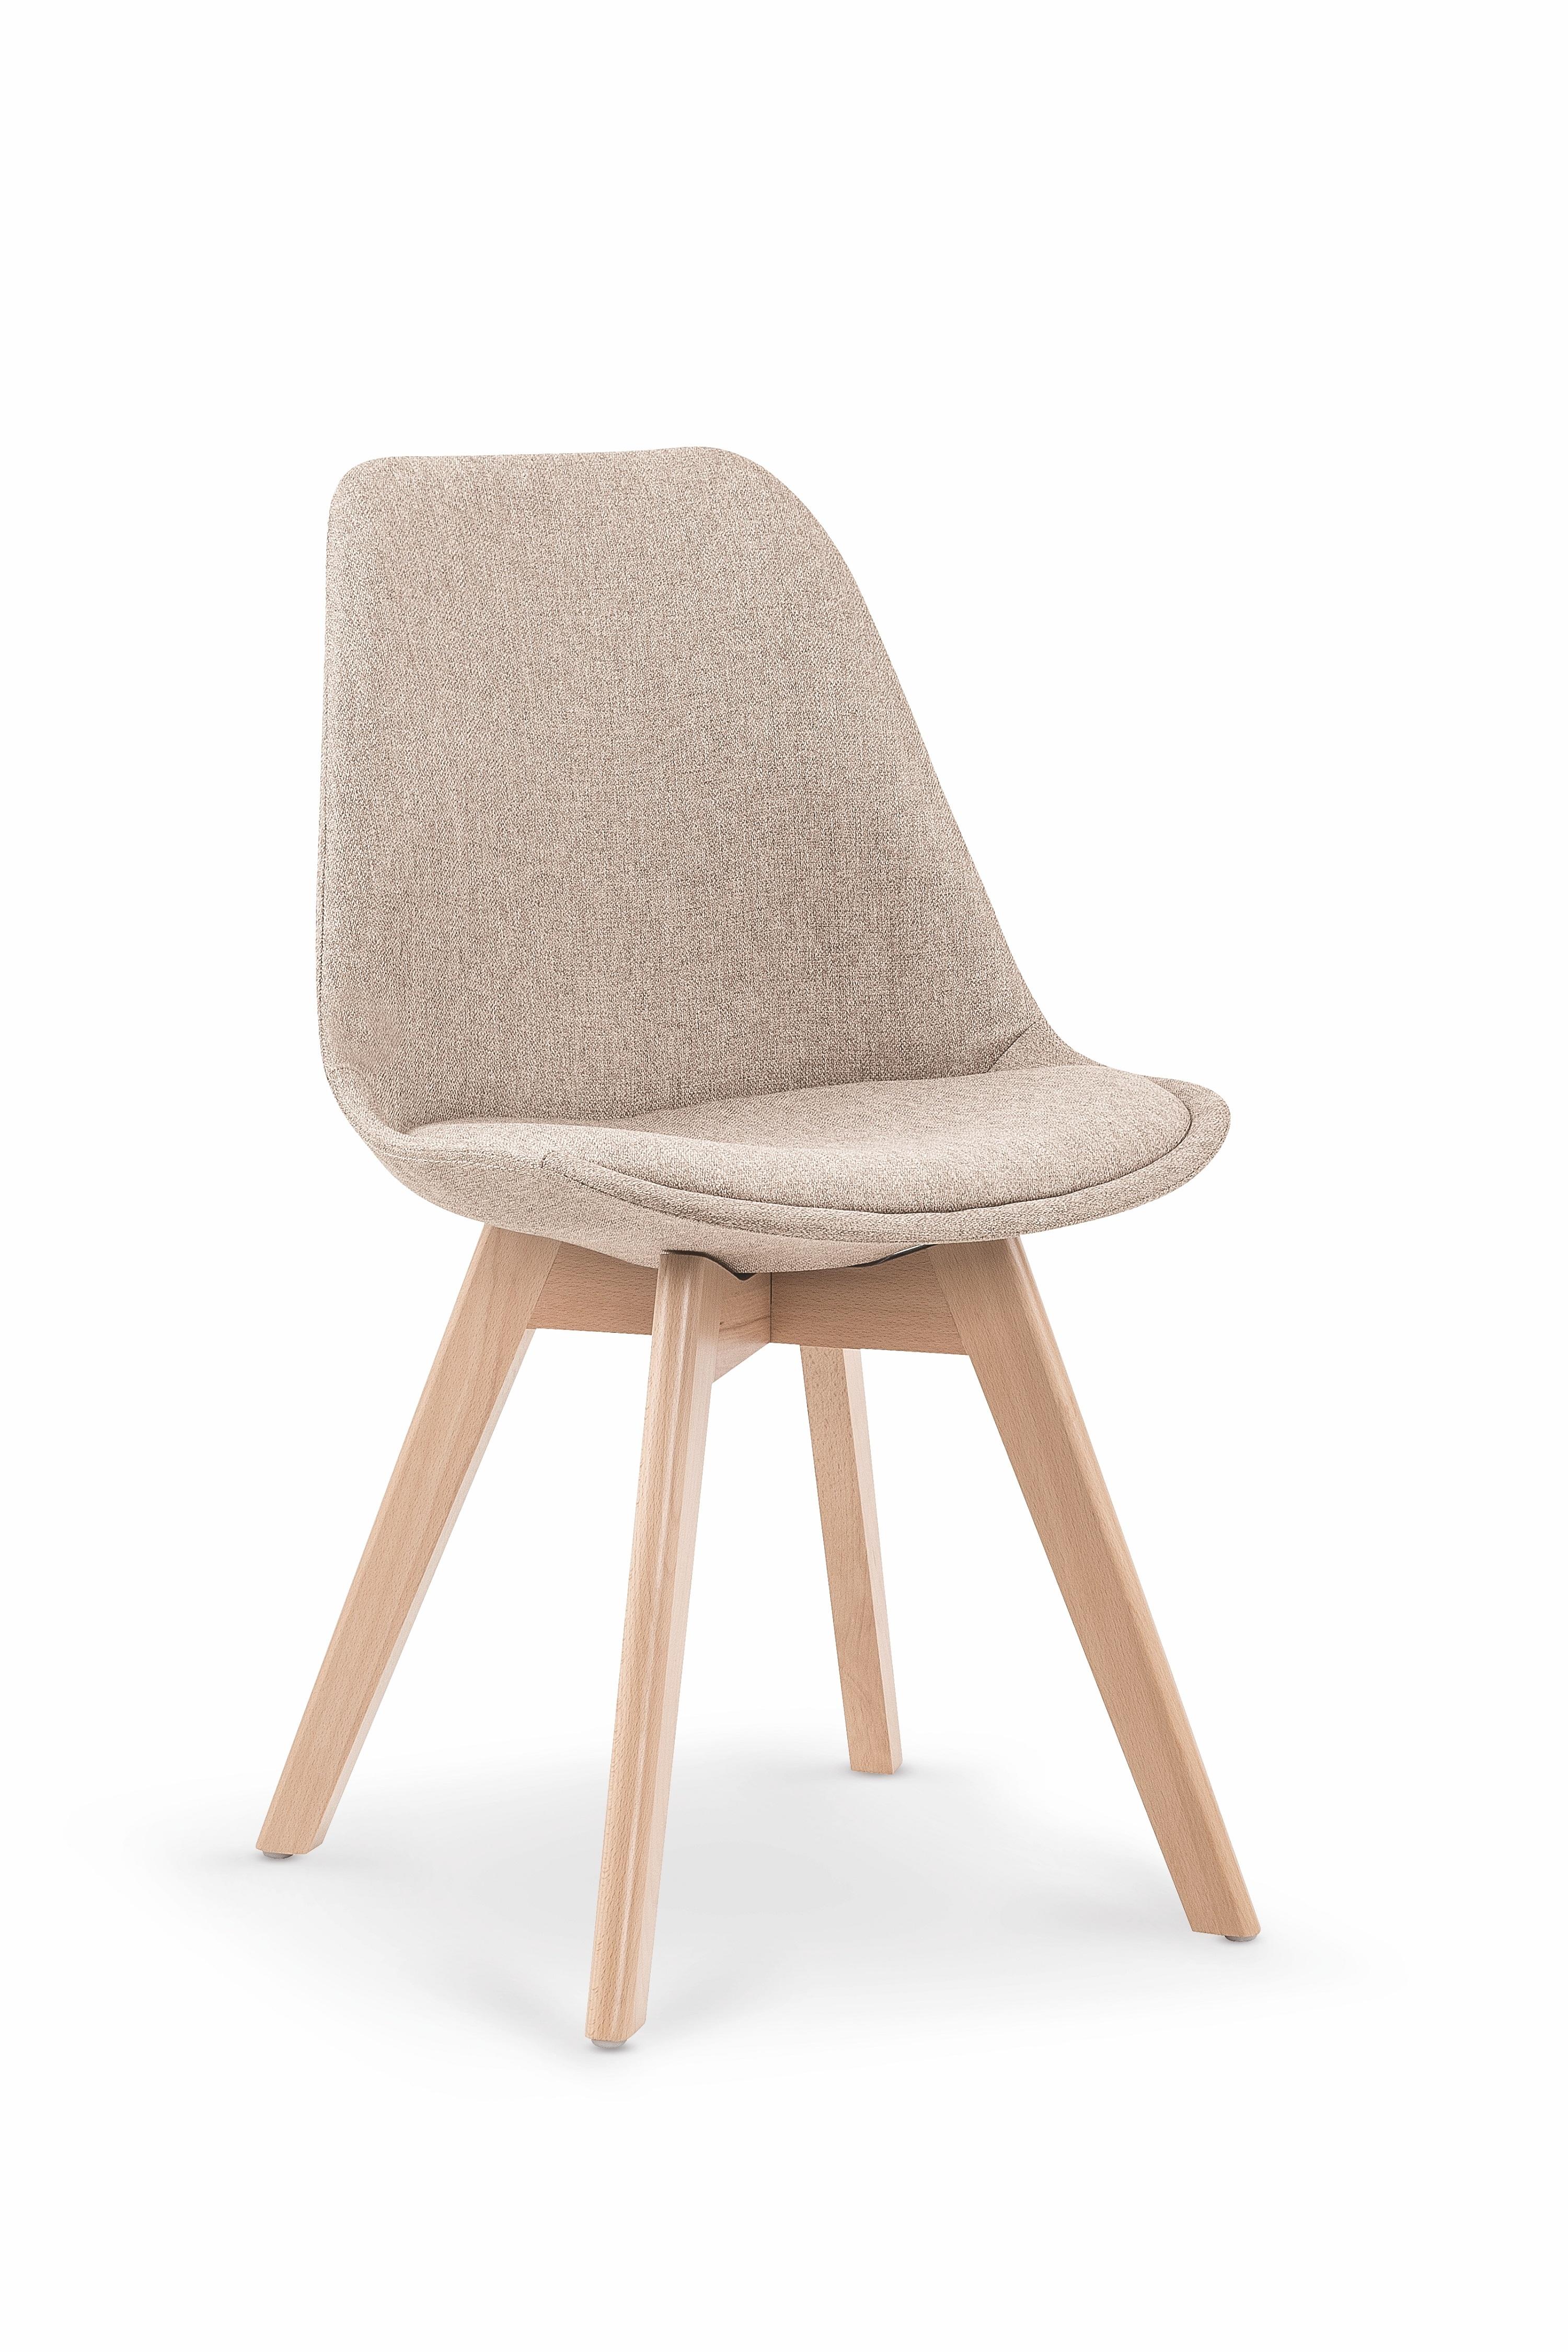 Scaun tapitat din lemn K303 Beige